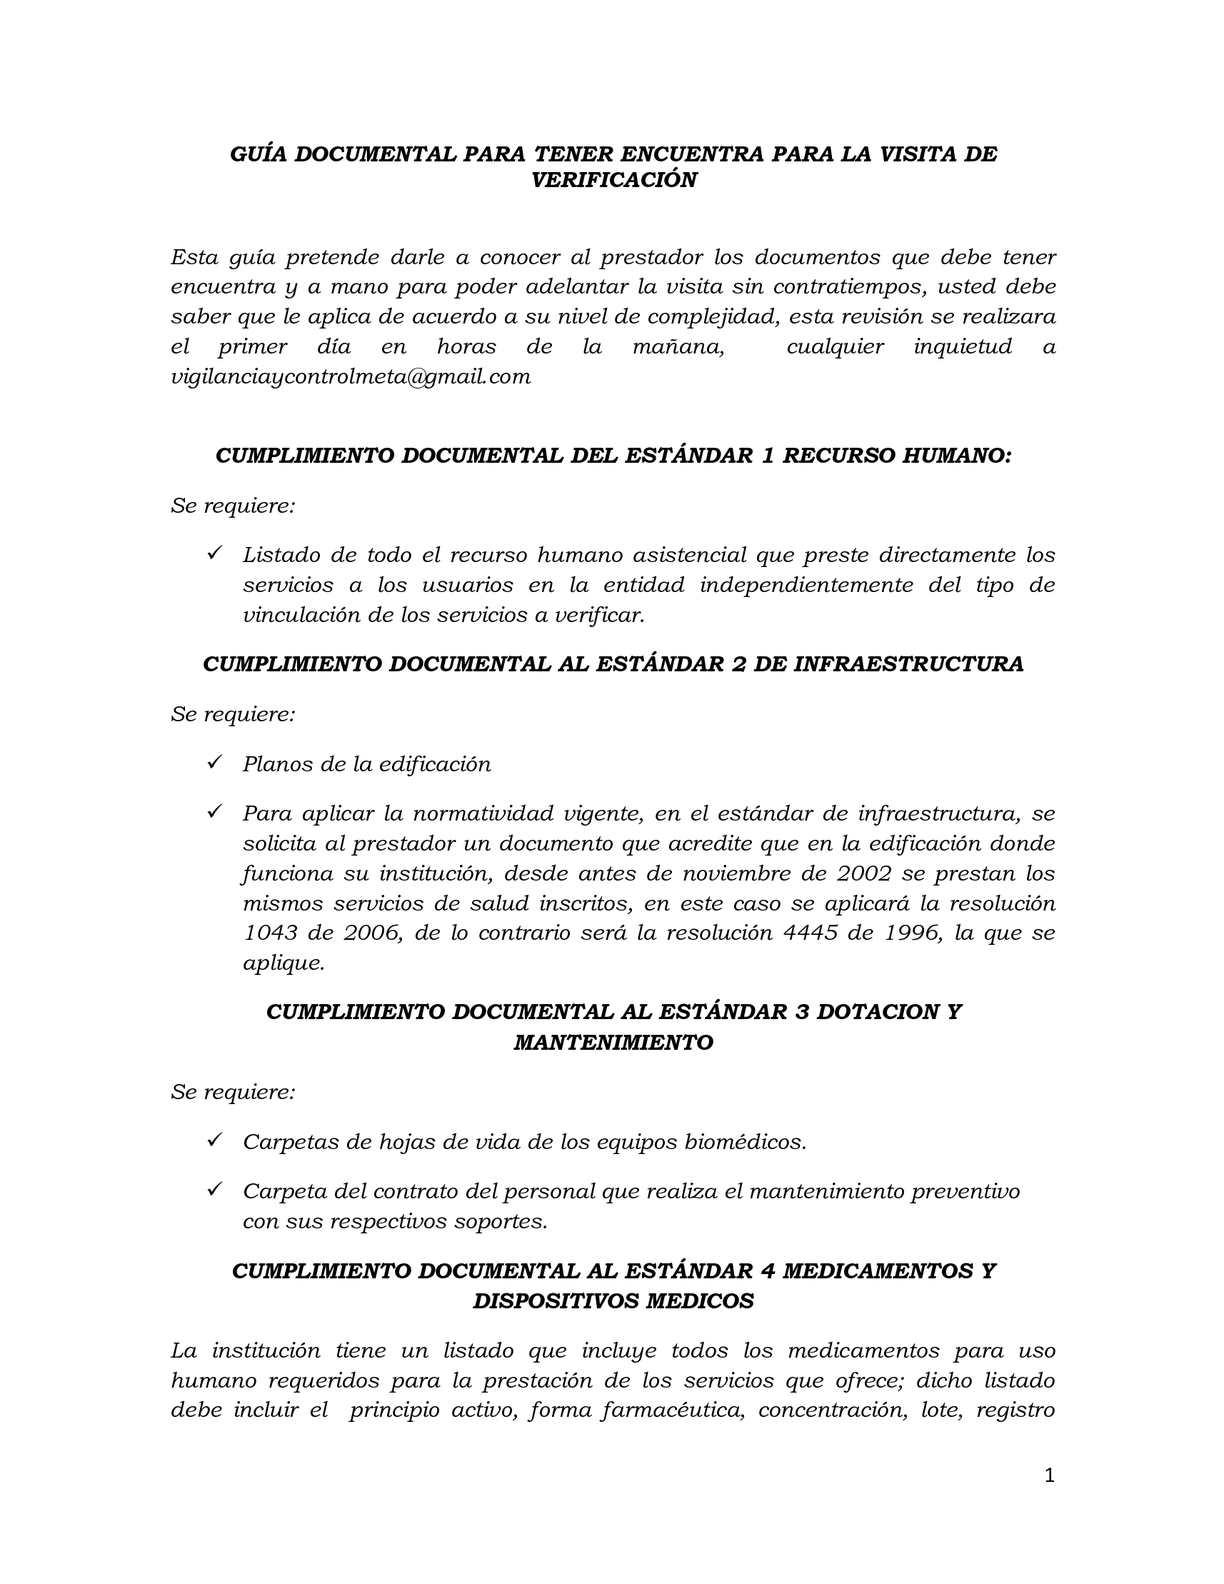 GUÍA DE REQUISITOS DOCUMENTALES VISITA DE VERIFICACIÓN